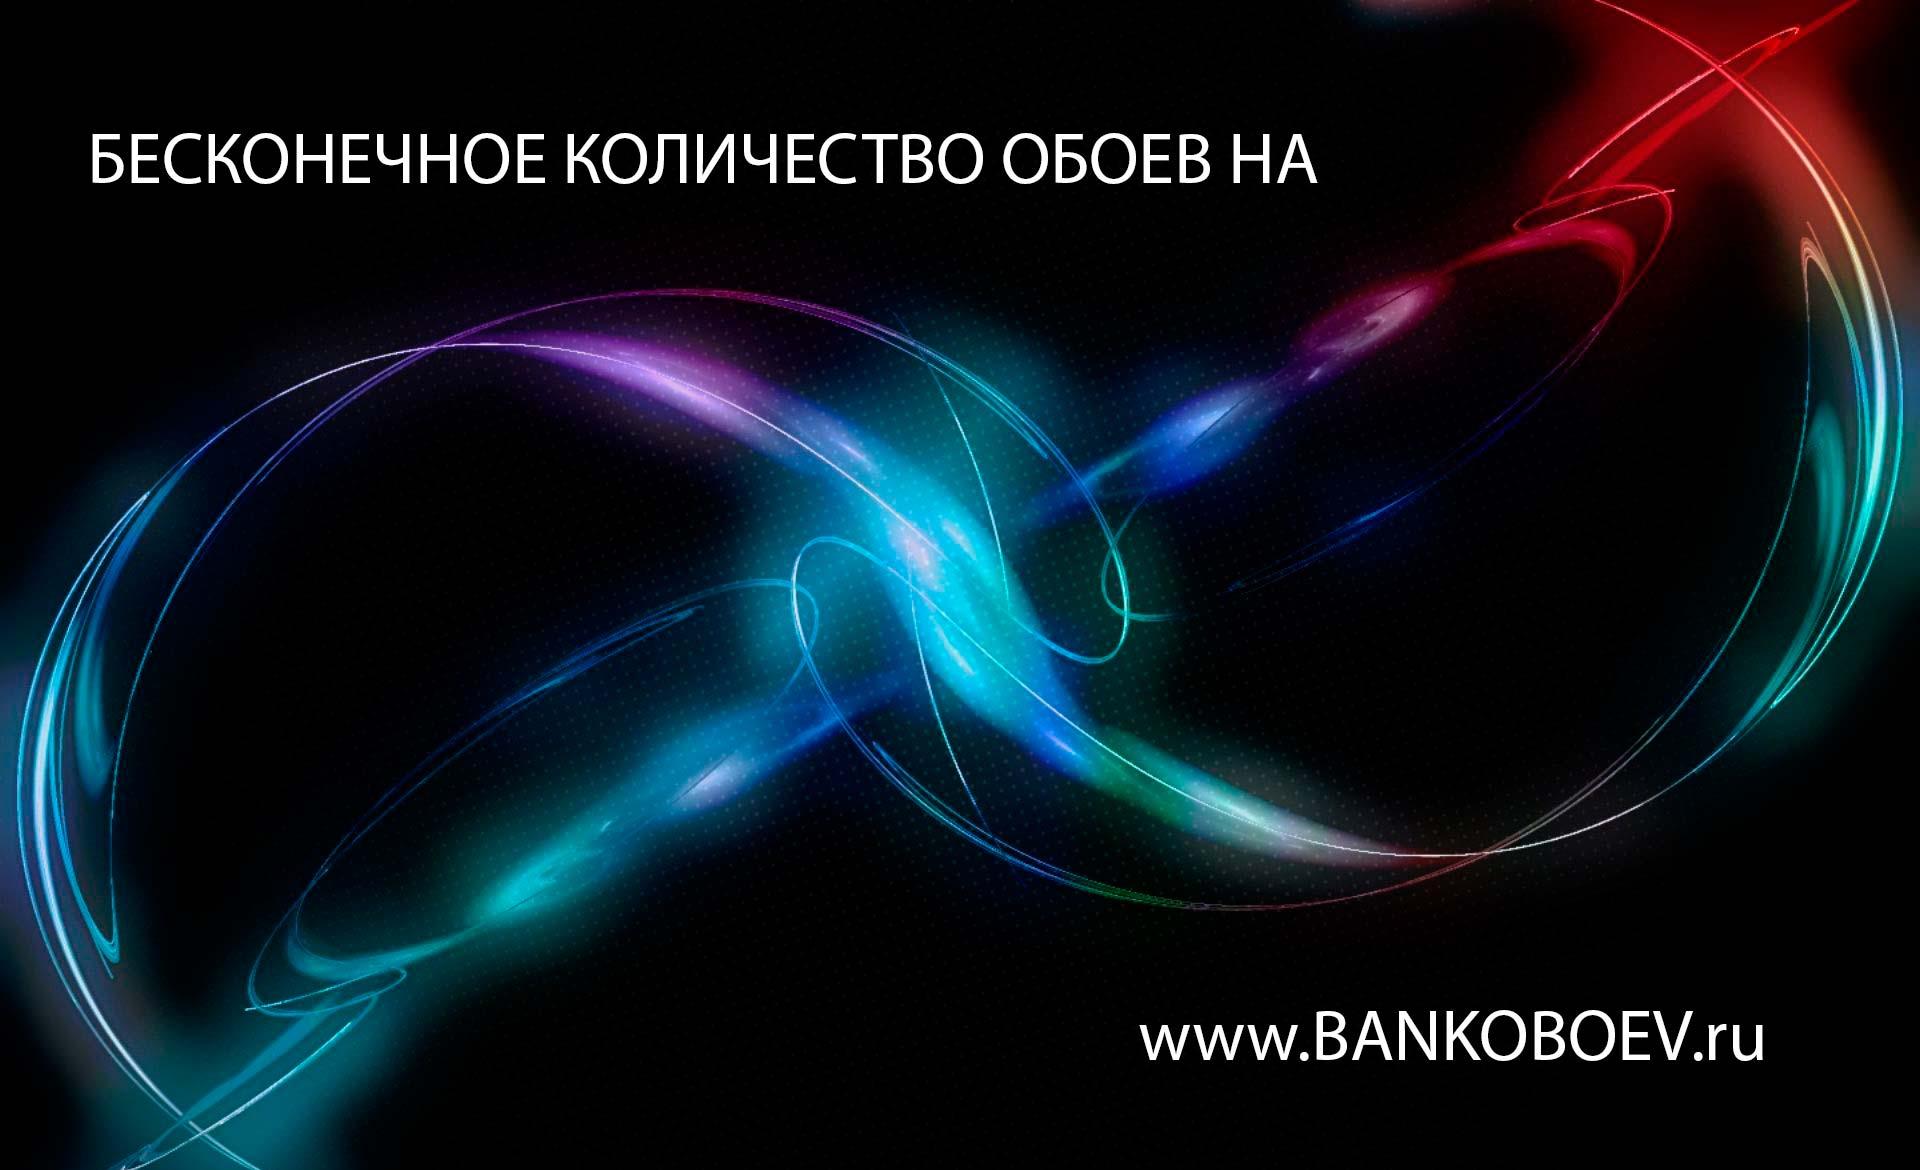 bankoboevruimagesMTM0ODg1BankoboevRu hc colorado avalanchejpg 1600x1200